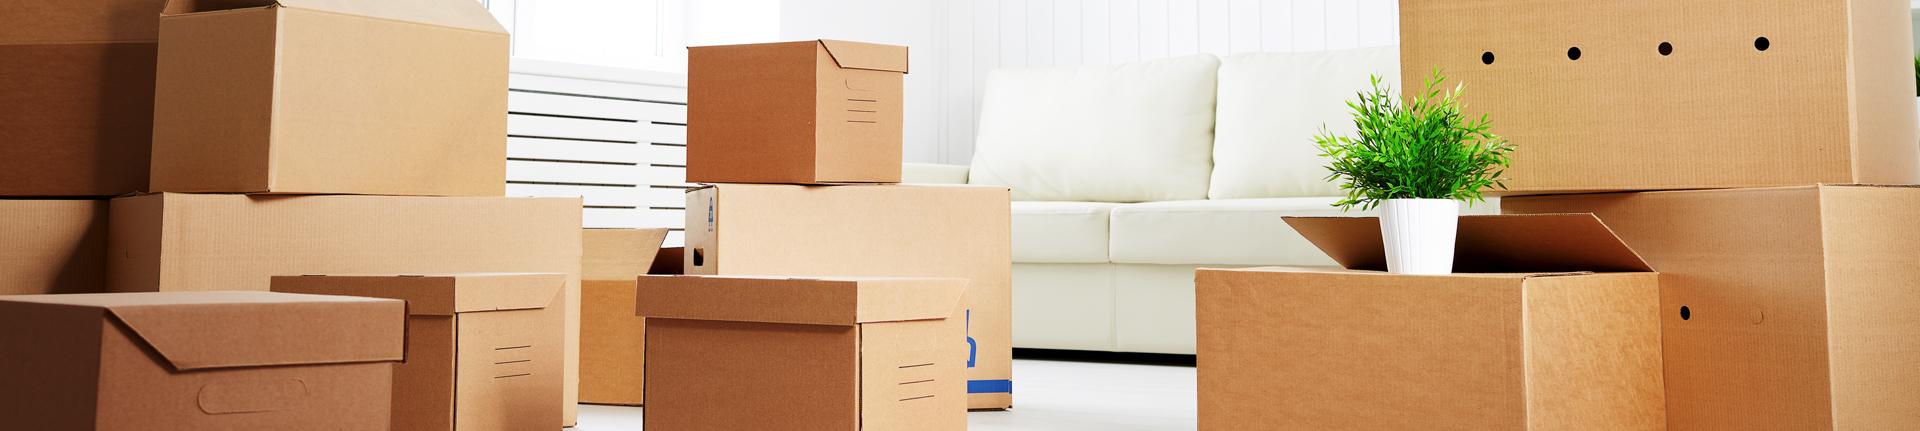 Decoração e sustentabilidade: móveis de papelão